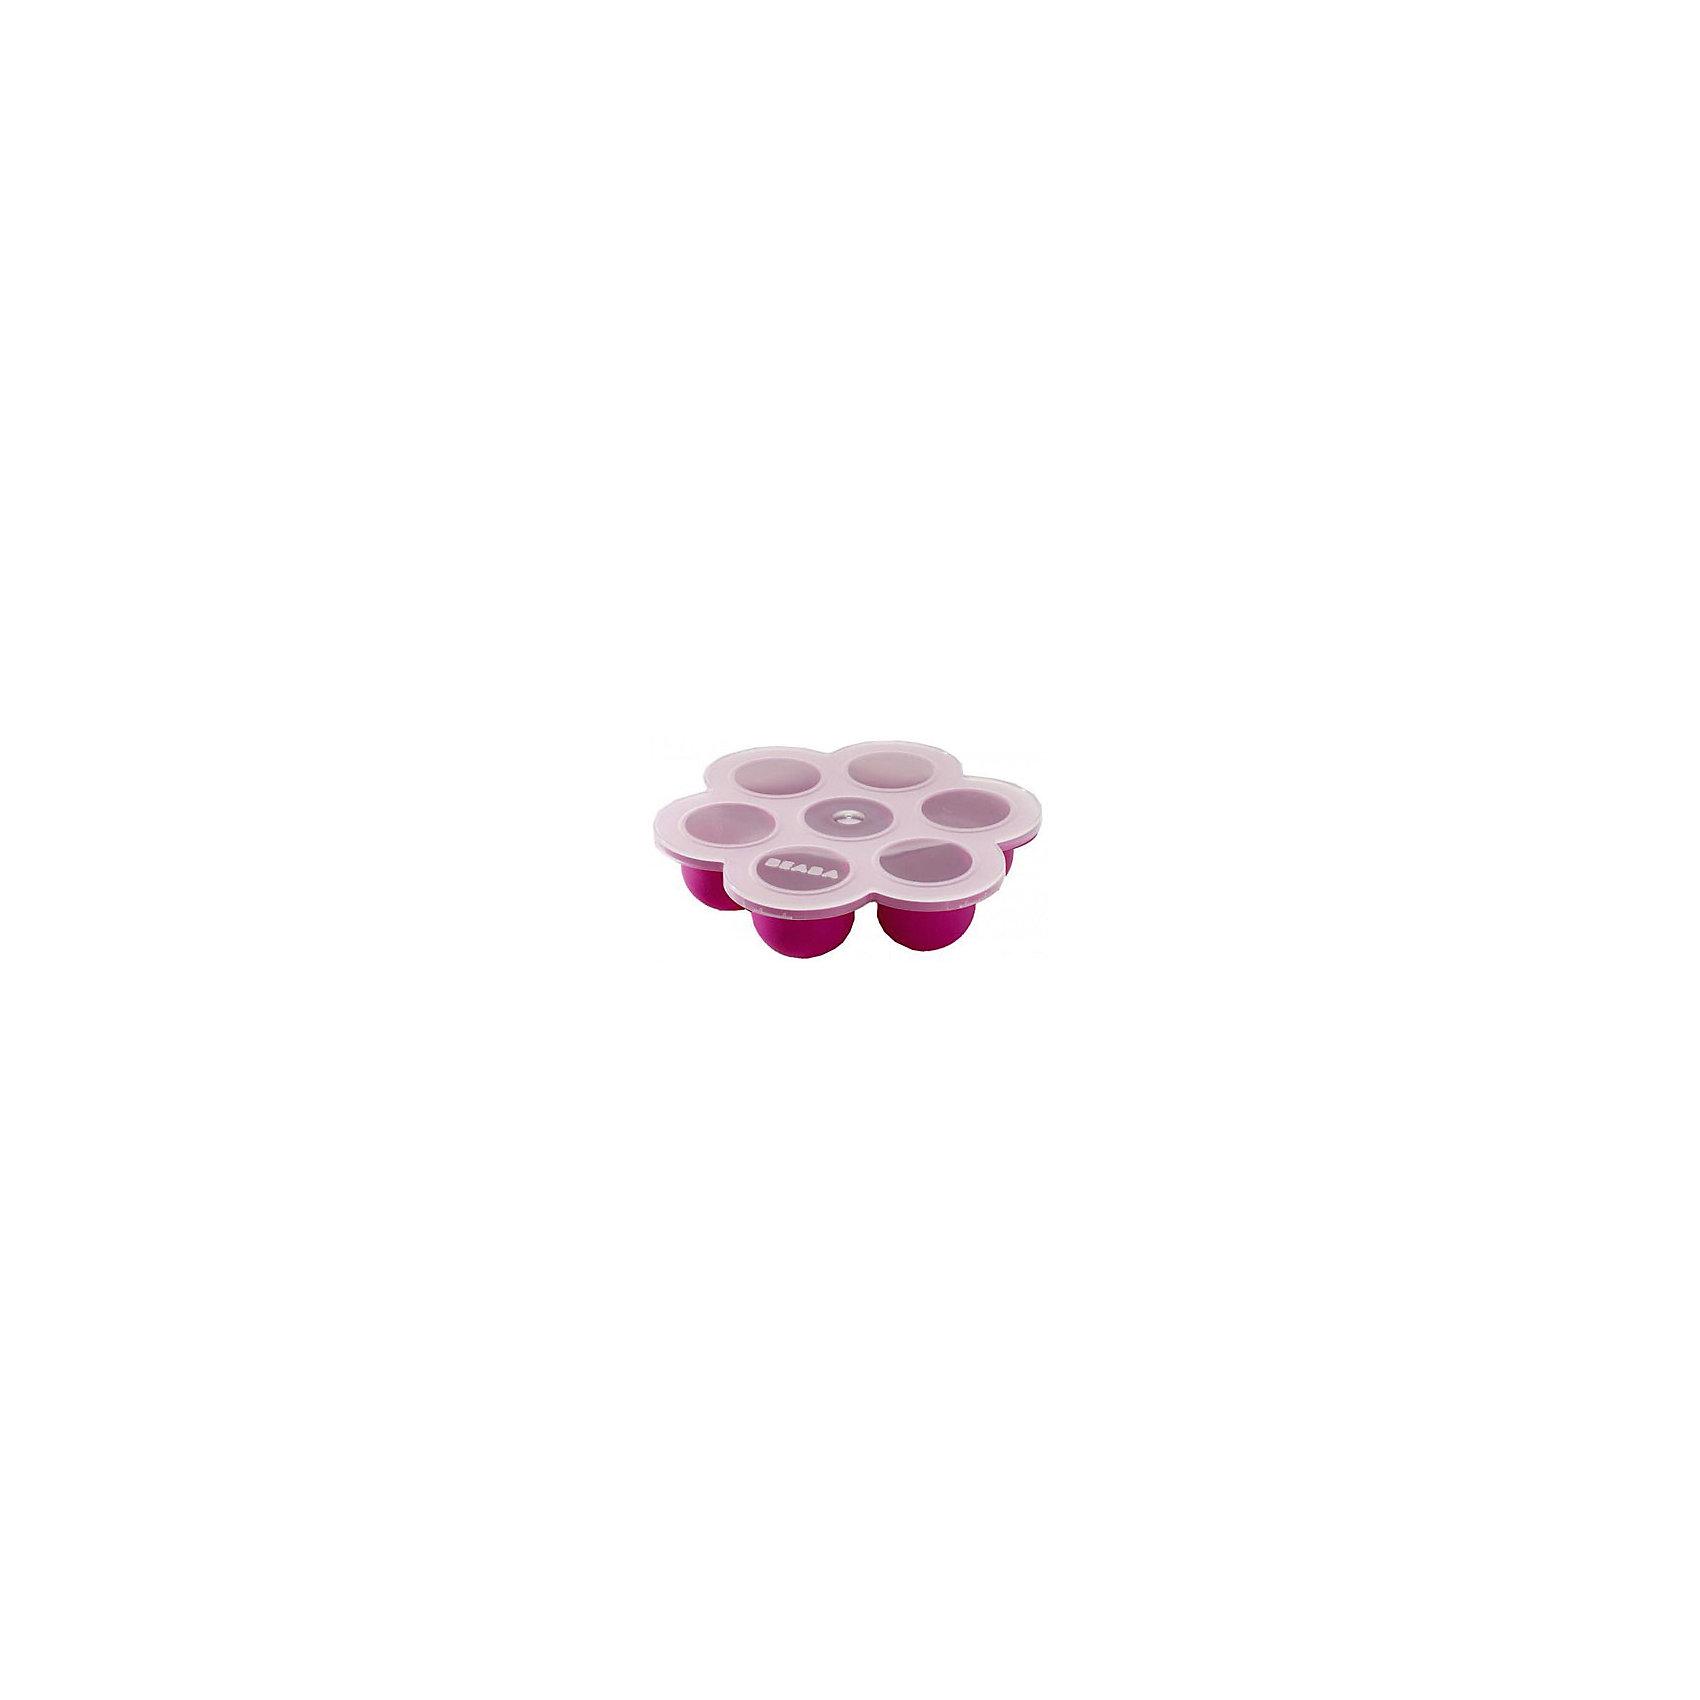 Силиконовый многопорционный контейнер, Beaba, розовыйСиликоновый многопорционный контейнер, Beaba, станет Вам замечательным помощником в уходе за малышом и прекрасно подойдет для хранения детского питания. Компактный контейнер содержит семь ячеек объемом 60 мл. каждая и позволяет хранить свежее смеси и пюре либо замораживать их в морозильной камере. Плотная герметичная крышка не пропускает посторонние запахи внутрь. Контейнер изготовлен из высококачественного мягкого силикона без содержания бисфенола А. Запрещено использование в духовом шкафу. <br><br>Дополнительная информация:<br><br>- Материал: силикон.<br>- Общий объем: 420 мл. (7 порций по 60 мл.) <br>- Размер контейнера: 21 х 21 см. <br>- Размер упаковки: 21,2 x 22,5 x 5,1 см.<br>- Вес: 0,32 кг.<br><br>Силиконовый многопорционный контейнер, Beaba, розовый, можно купить в нашем интернет-магазине.<br><br>Ширина мм: 212<br>Глубина мм: 225<br>Высота мм: 51<br>Вес г: 320<br>Возраст от месяцев: 4<br>Возраст до месяцев: 36<br>Пол: Женский<br>Возраст: Детский<br>SKU: 4389022